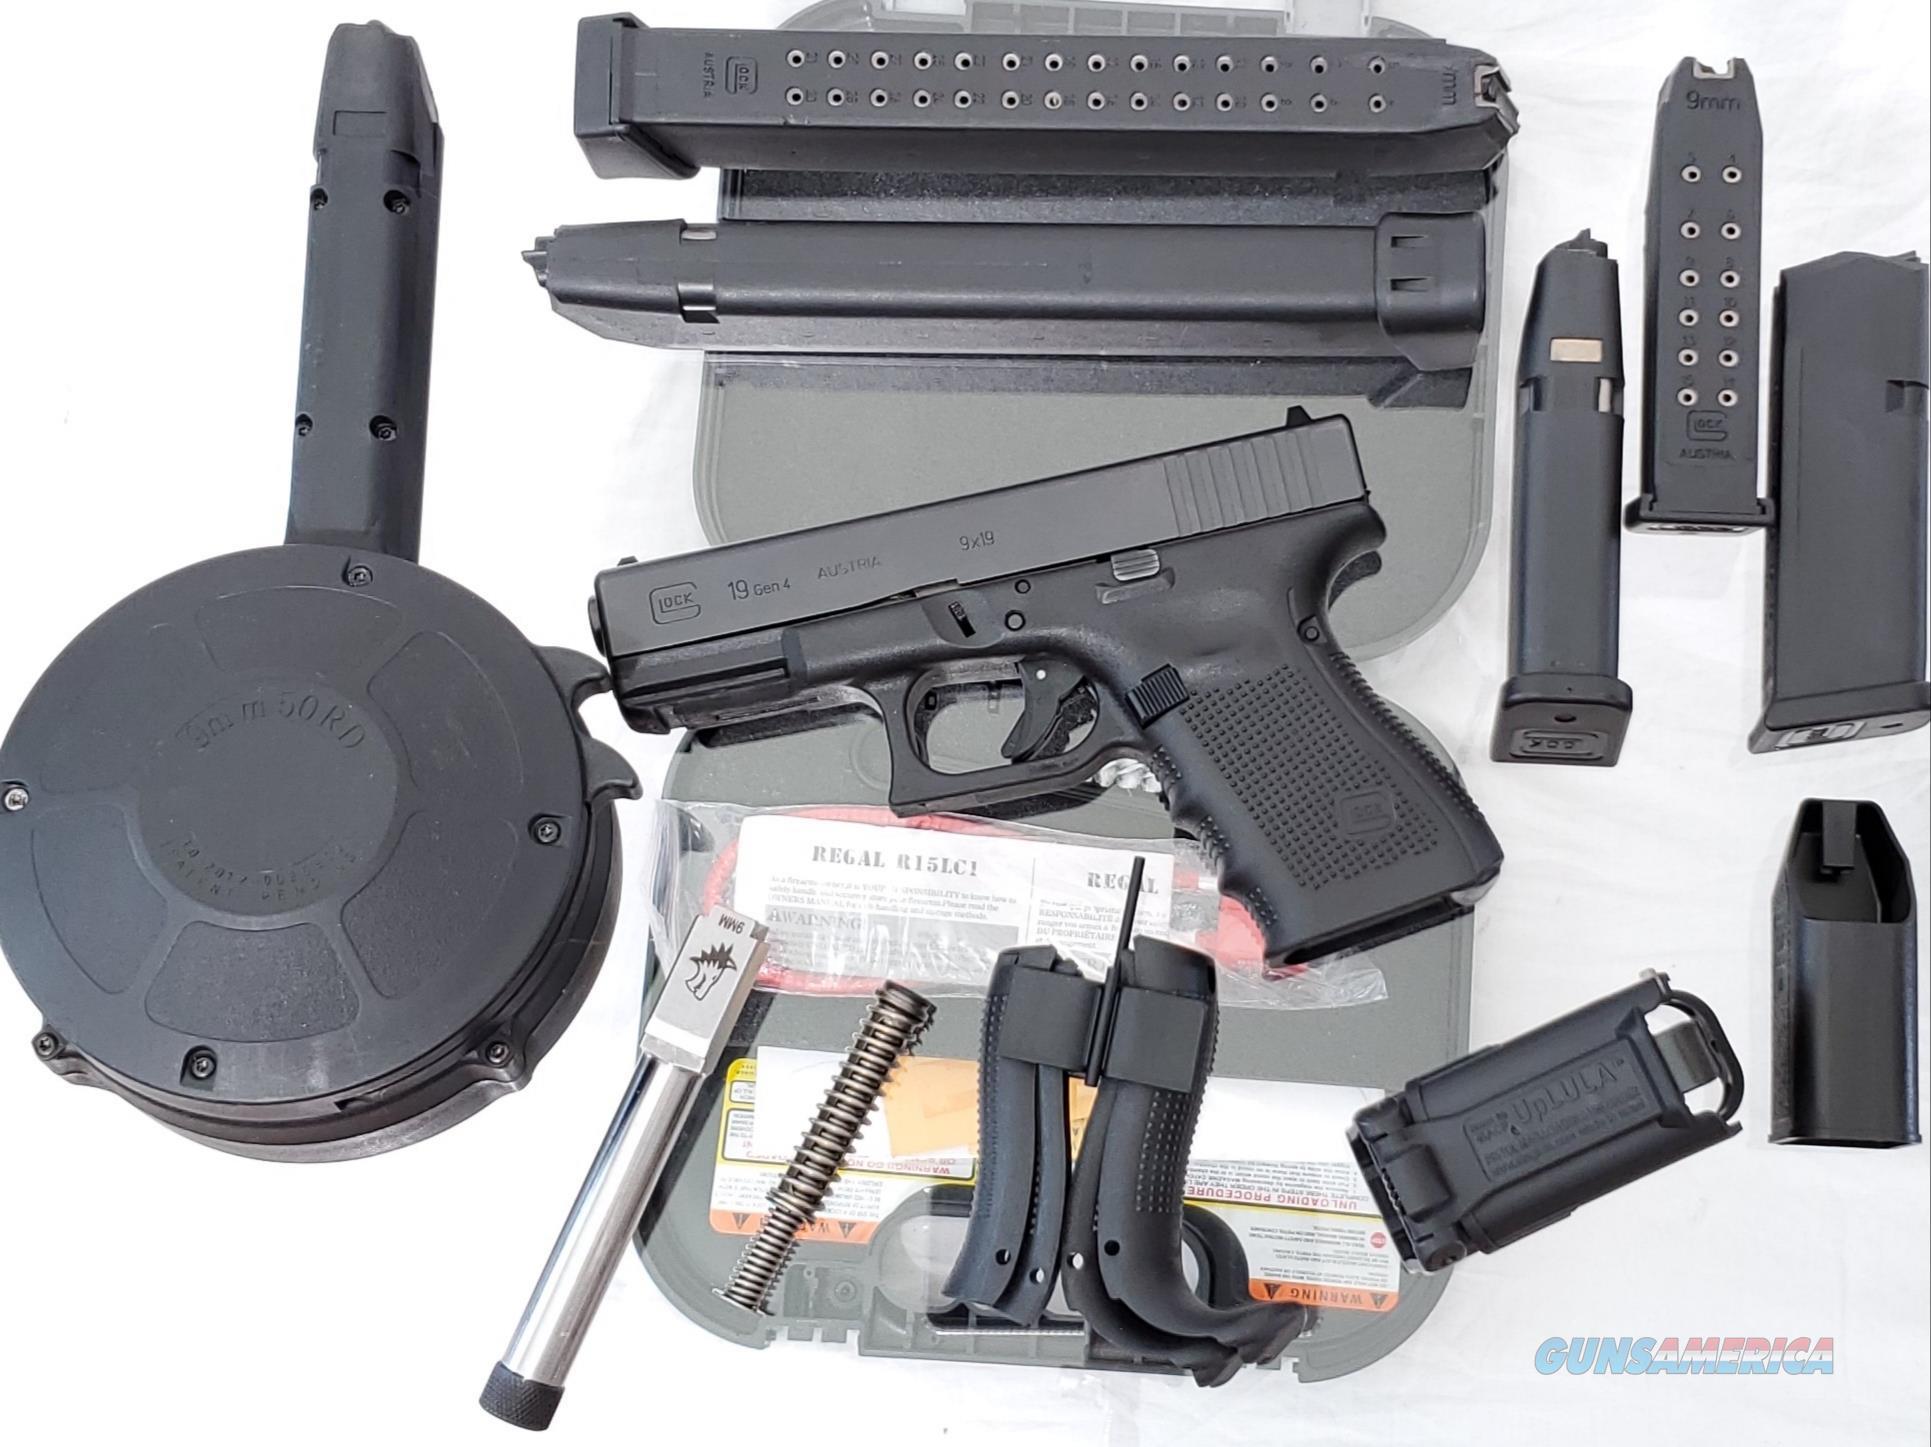 Glock 19 Gen 4,15rd, PG1950203, Extra LW barrel  Guns > Pistols > Glock Pistols > 19/19X